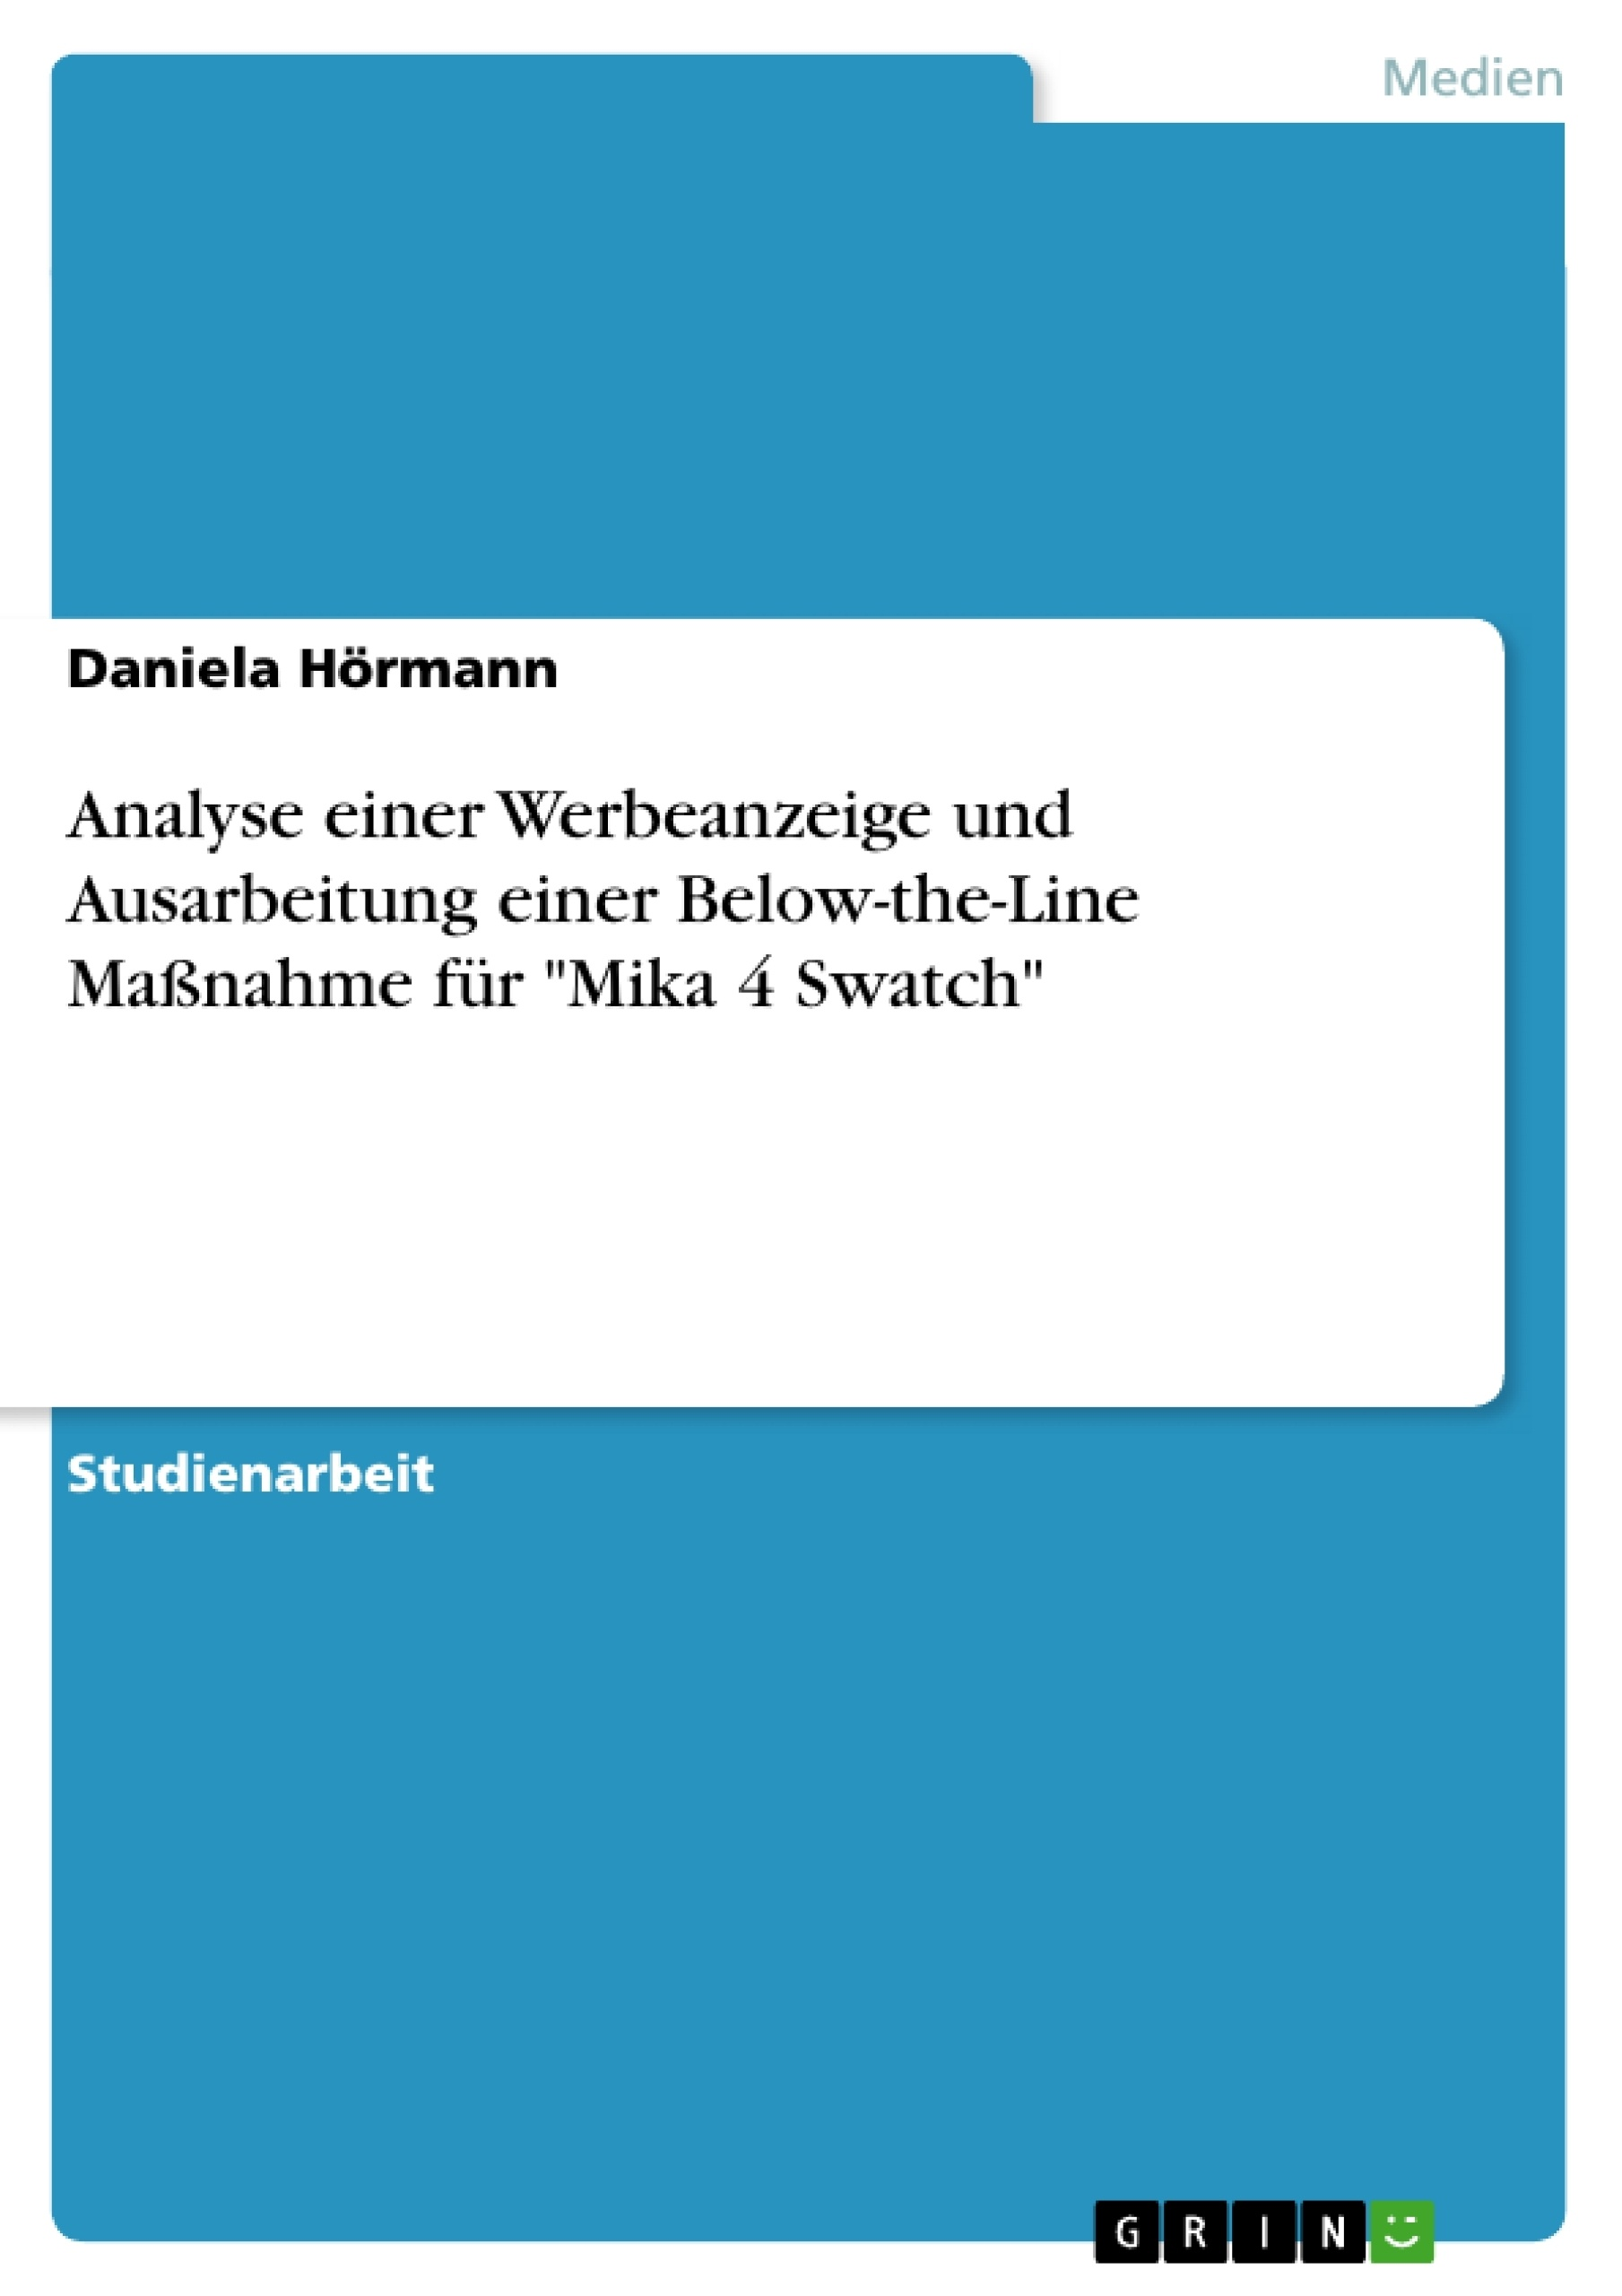 """Titel: Analyse einer Werbeanzeige und Ausarbeitung einer Below-the-Line Maßnahme für """"Mika 4 Swatch"""""""